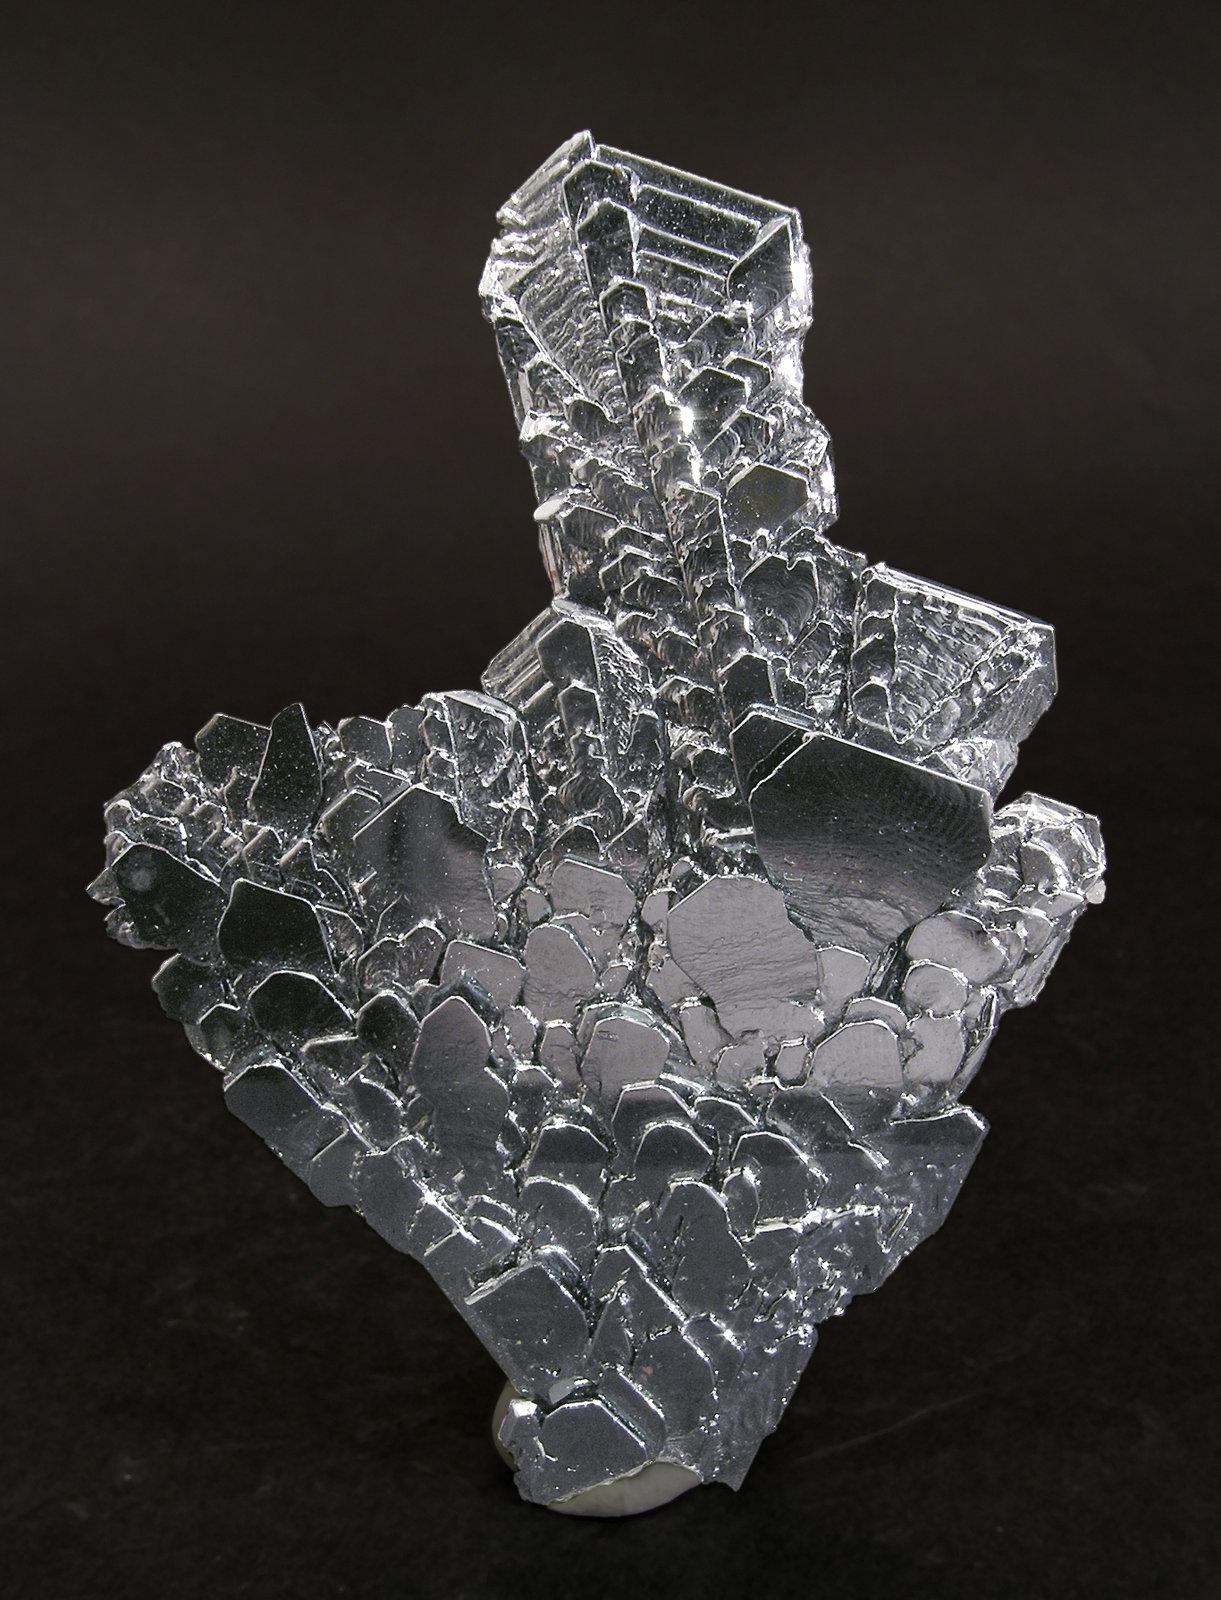 klastické sedimentární horniny lze datovat přímo pomocí izotopového randění